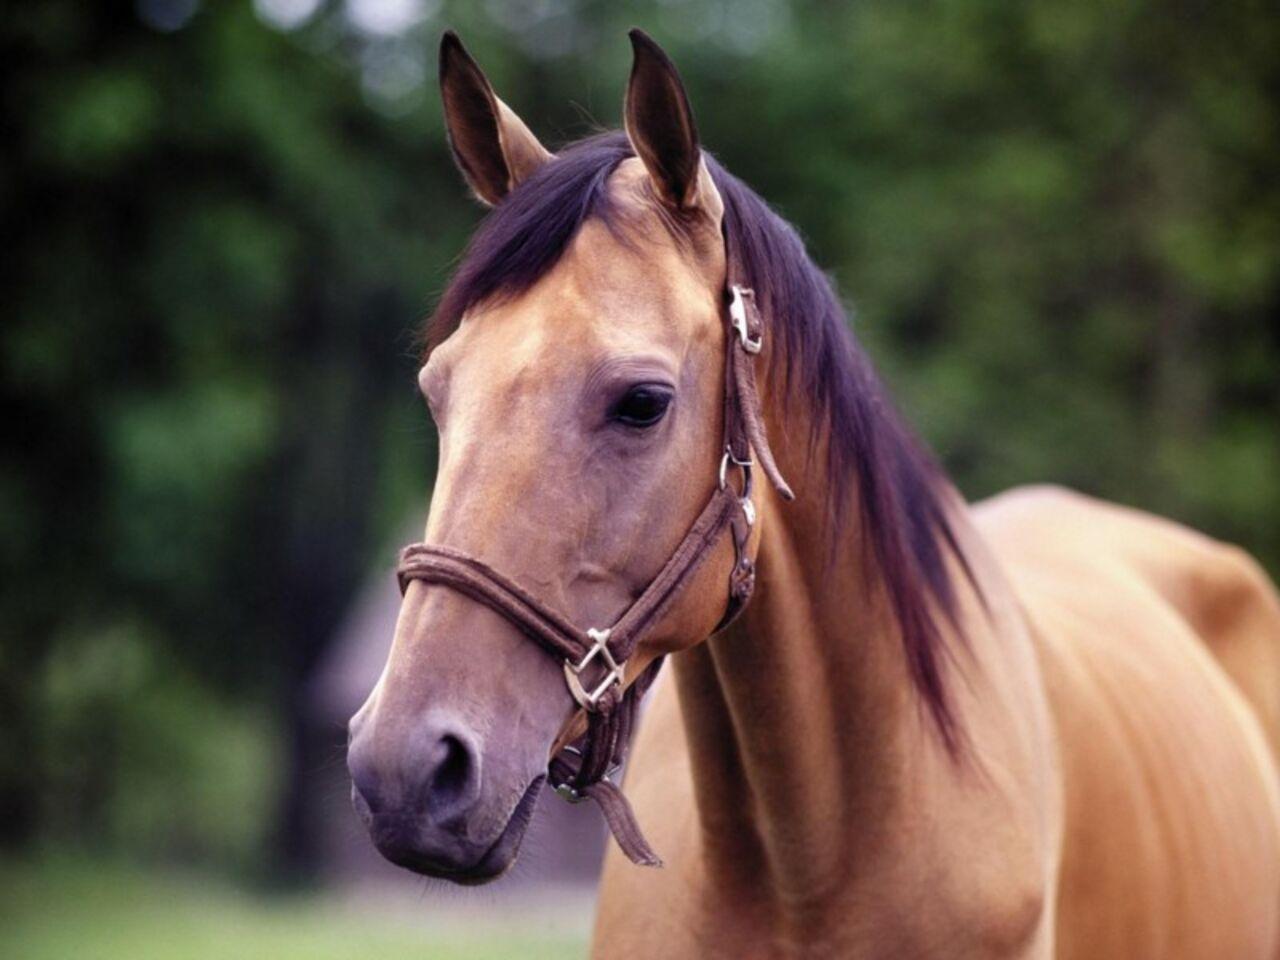 ВПрокопьевске цыганка обворовала пенсионерку, чтобы приобрести коня